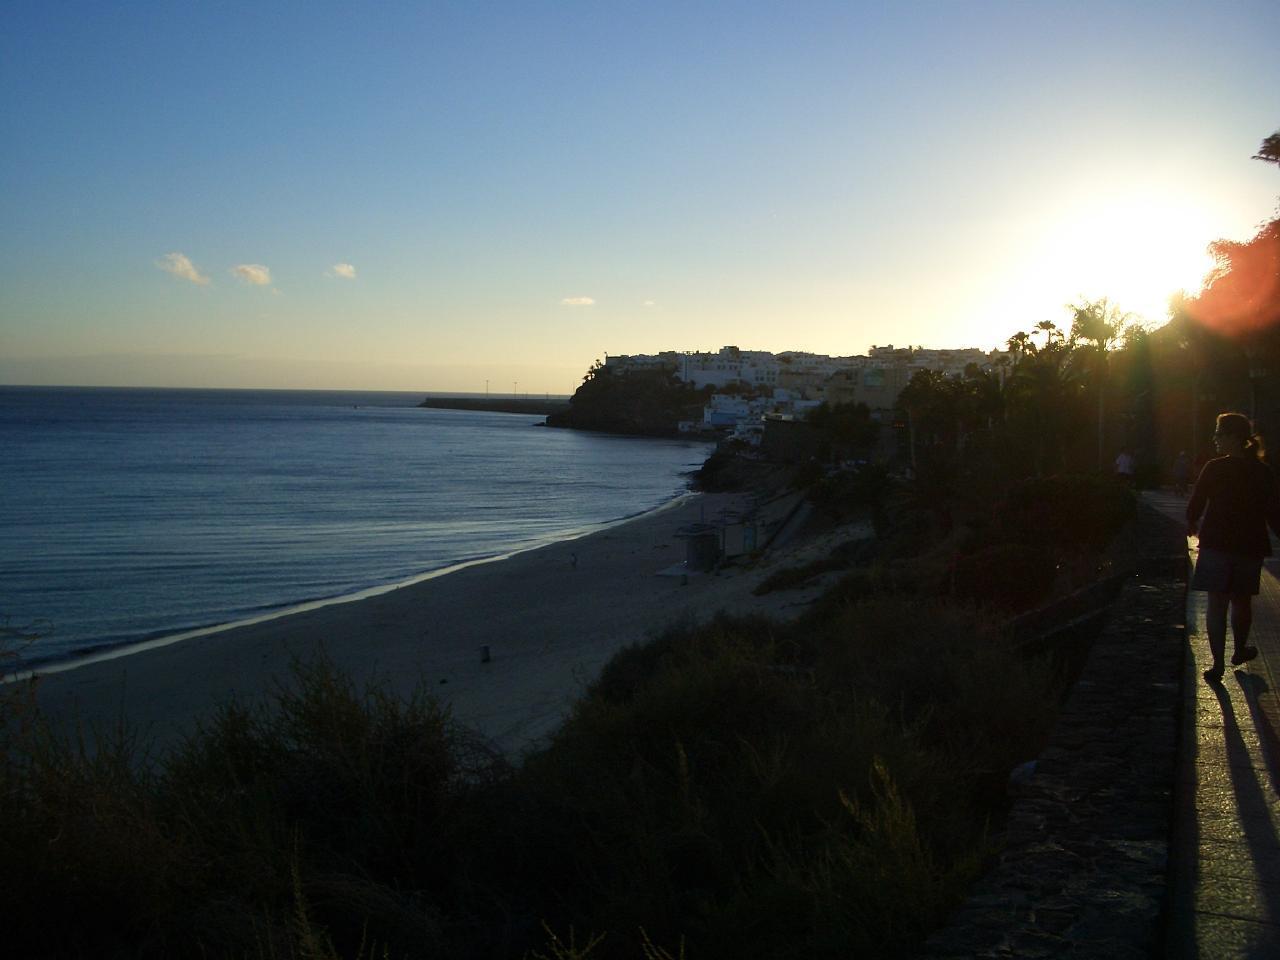 Ferienhaus Exklusiver Bungalow im Süden Fuerteventuras (2029655), Morro Jable, Fuerteventura, Kanarische Inseln, Spanien, Bild 13